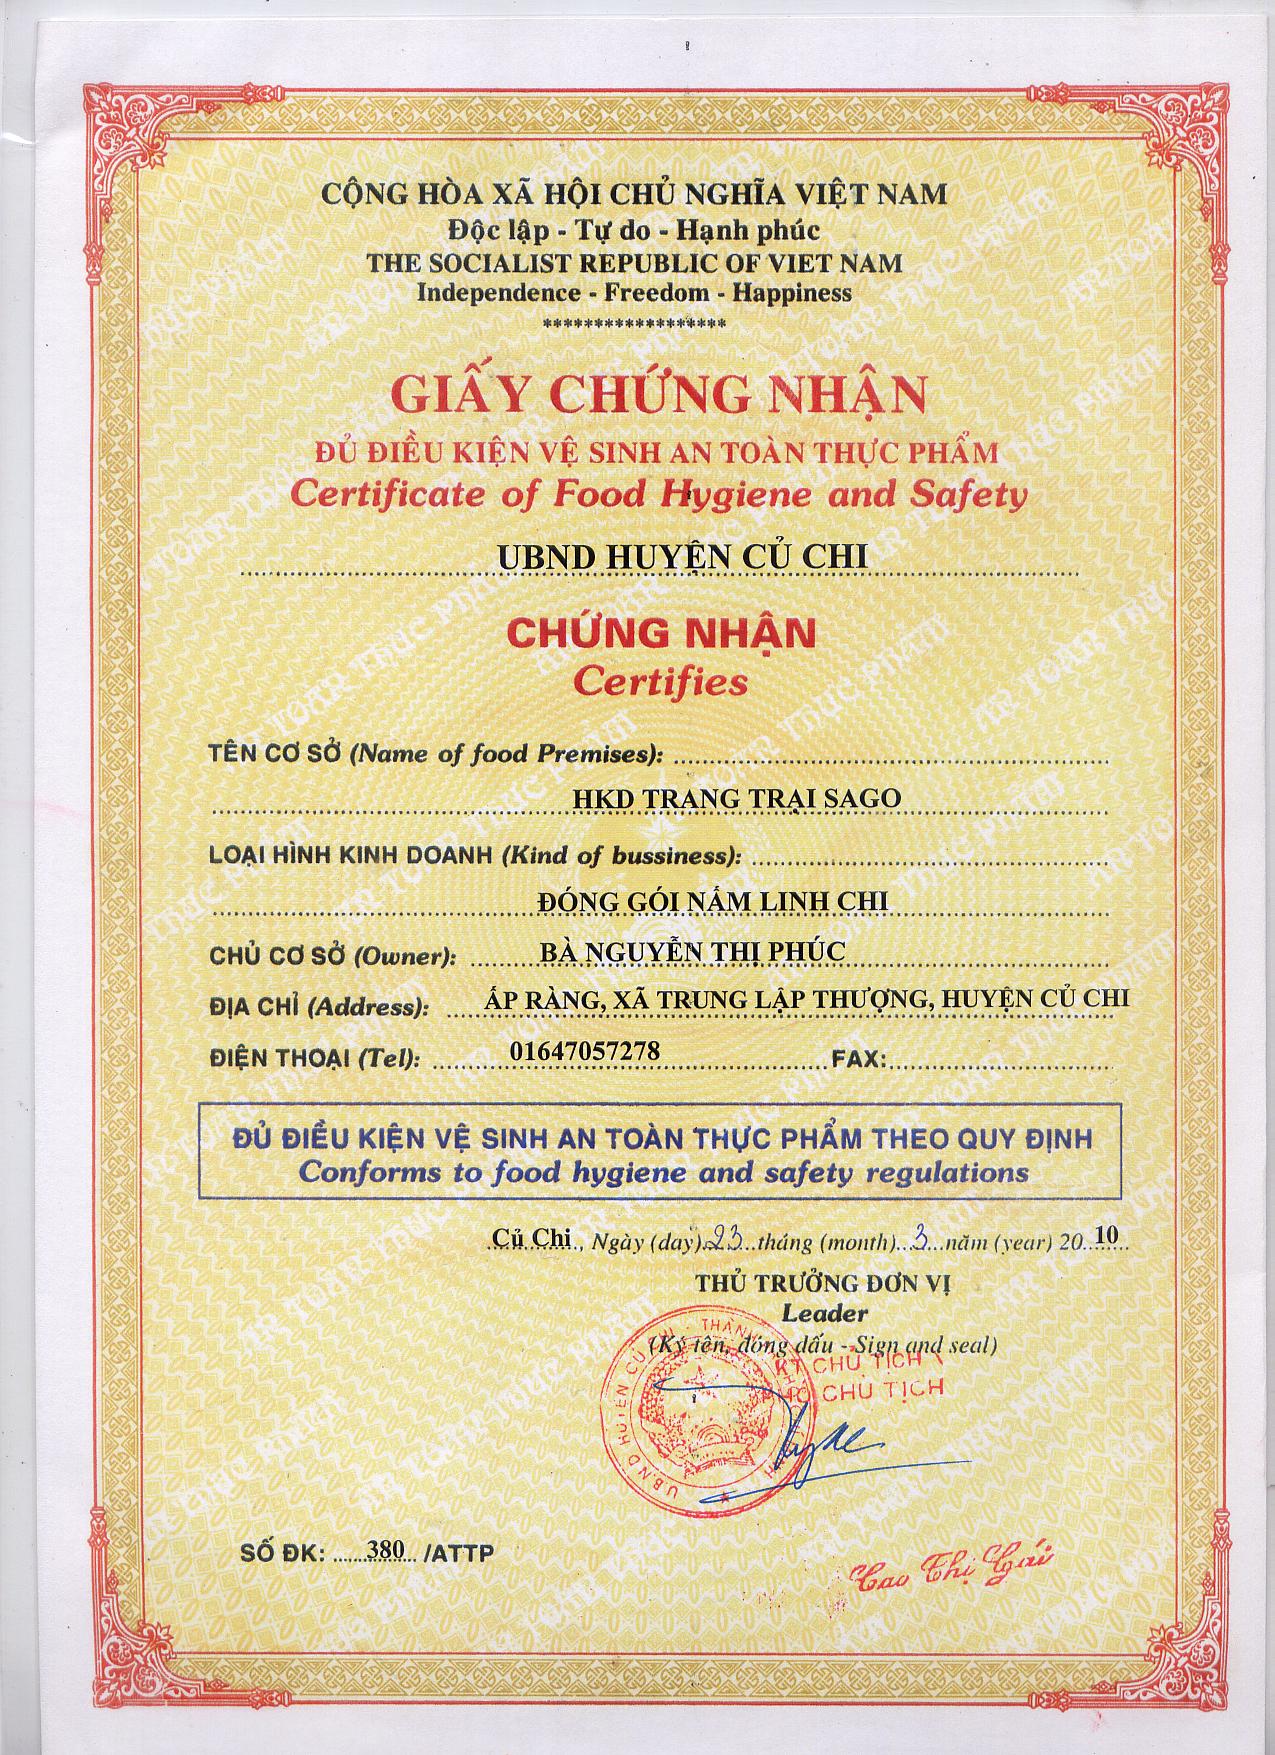 Cần những loại giấy phép nào để được sản xuất kinh doanh Dấm ăn